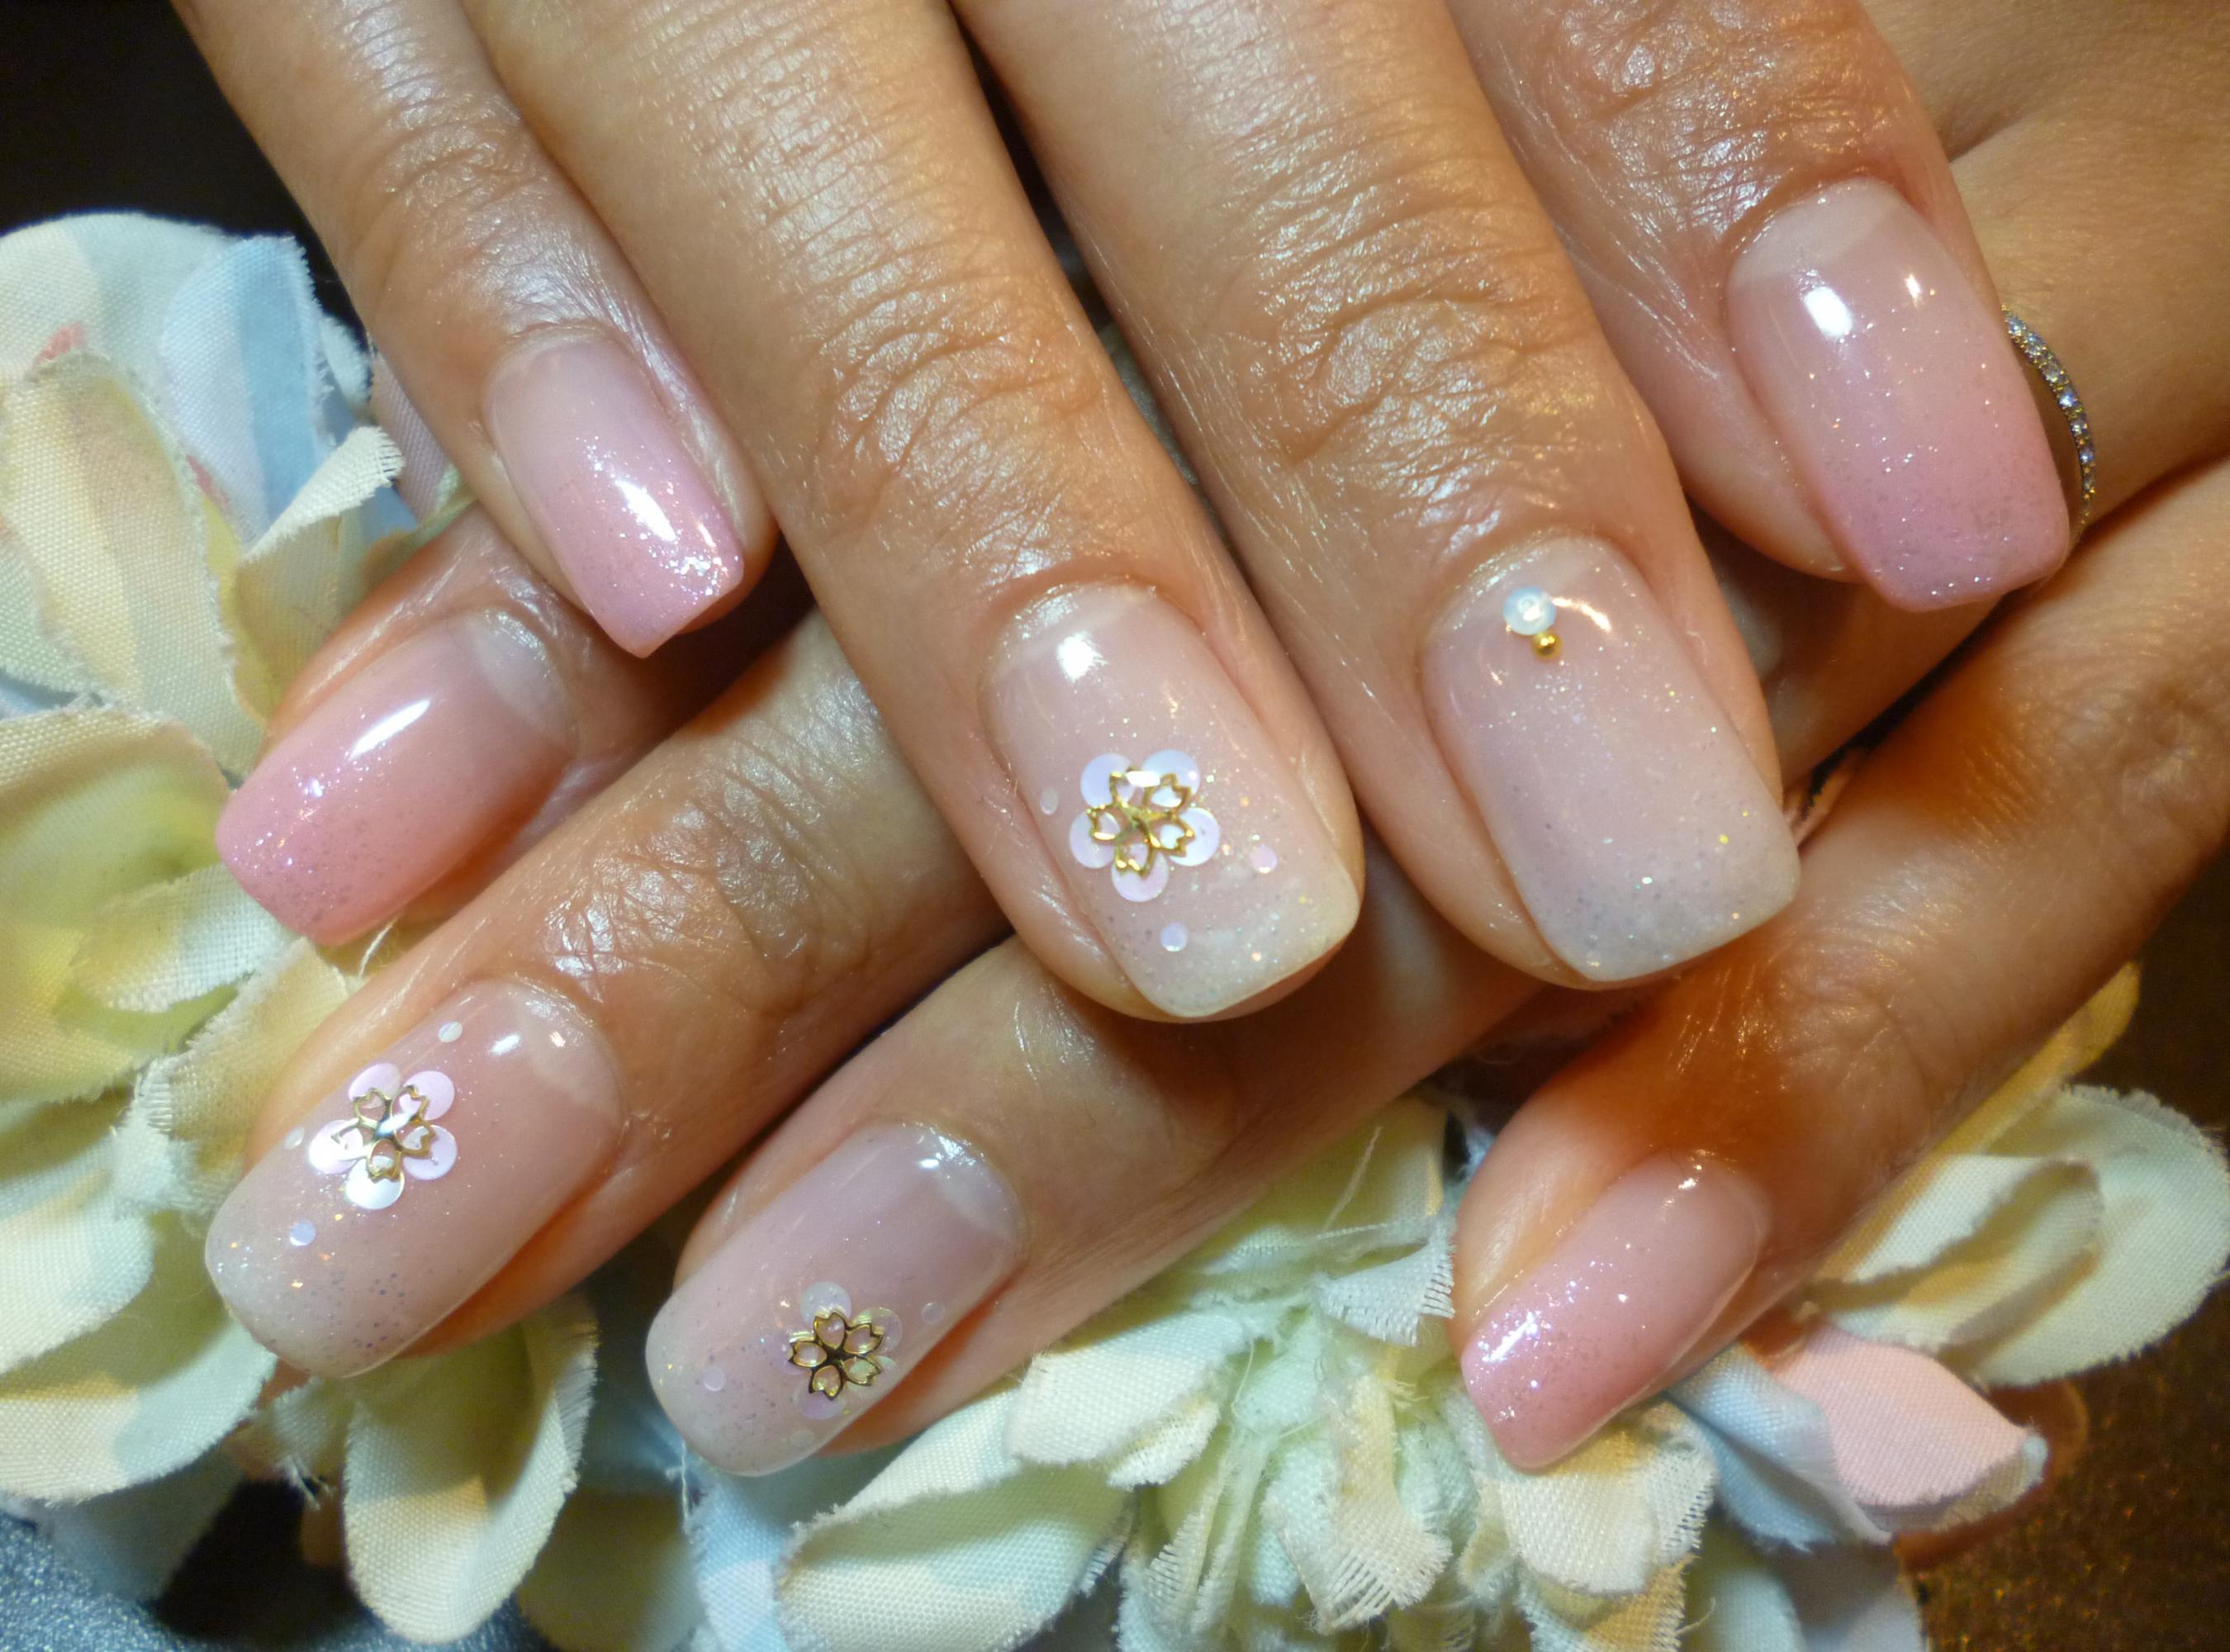 ピンク&ホワイトグラデーション ホロお花アートネイル